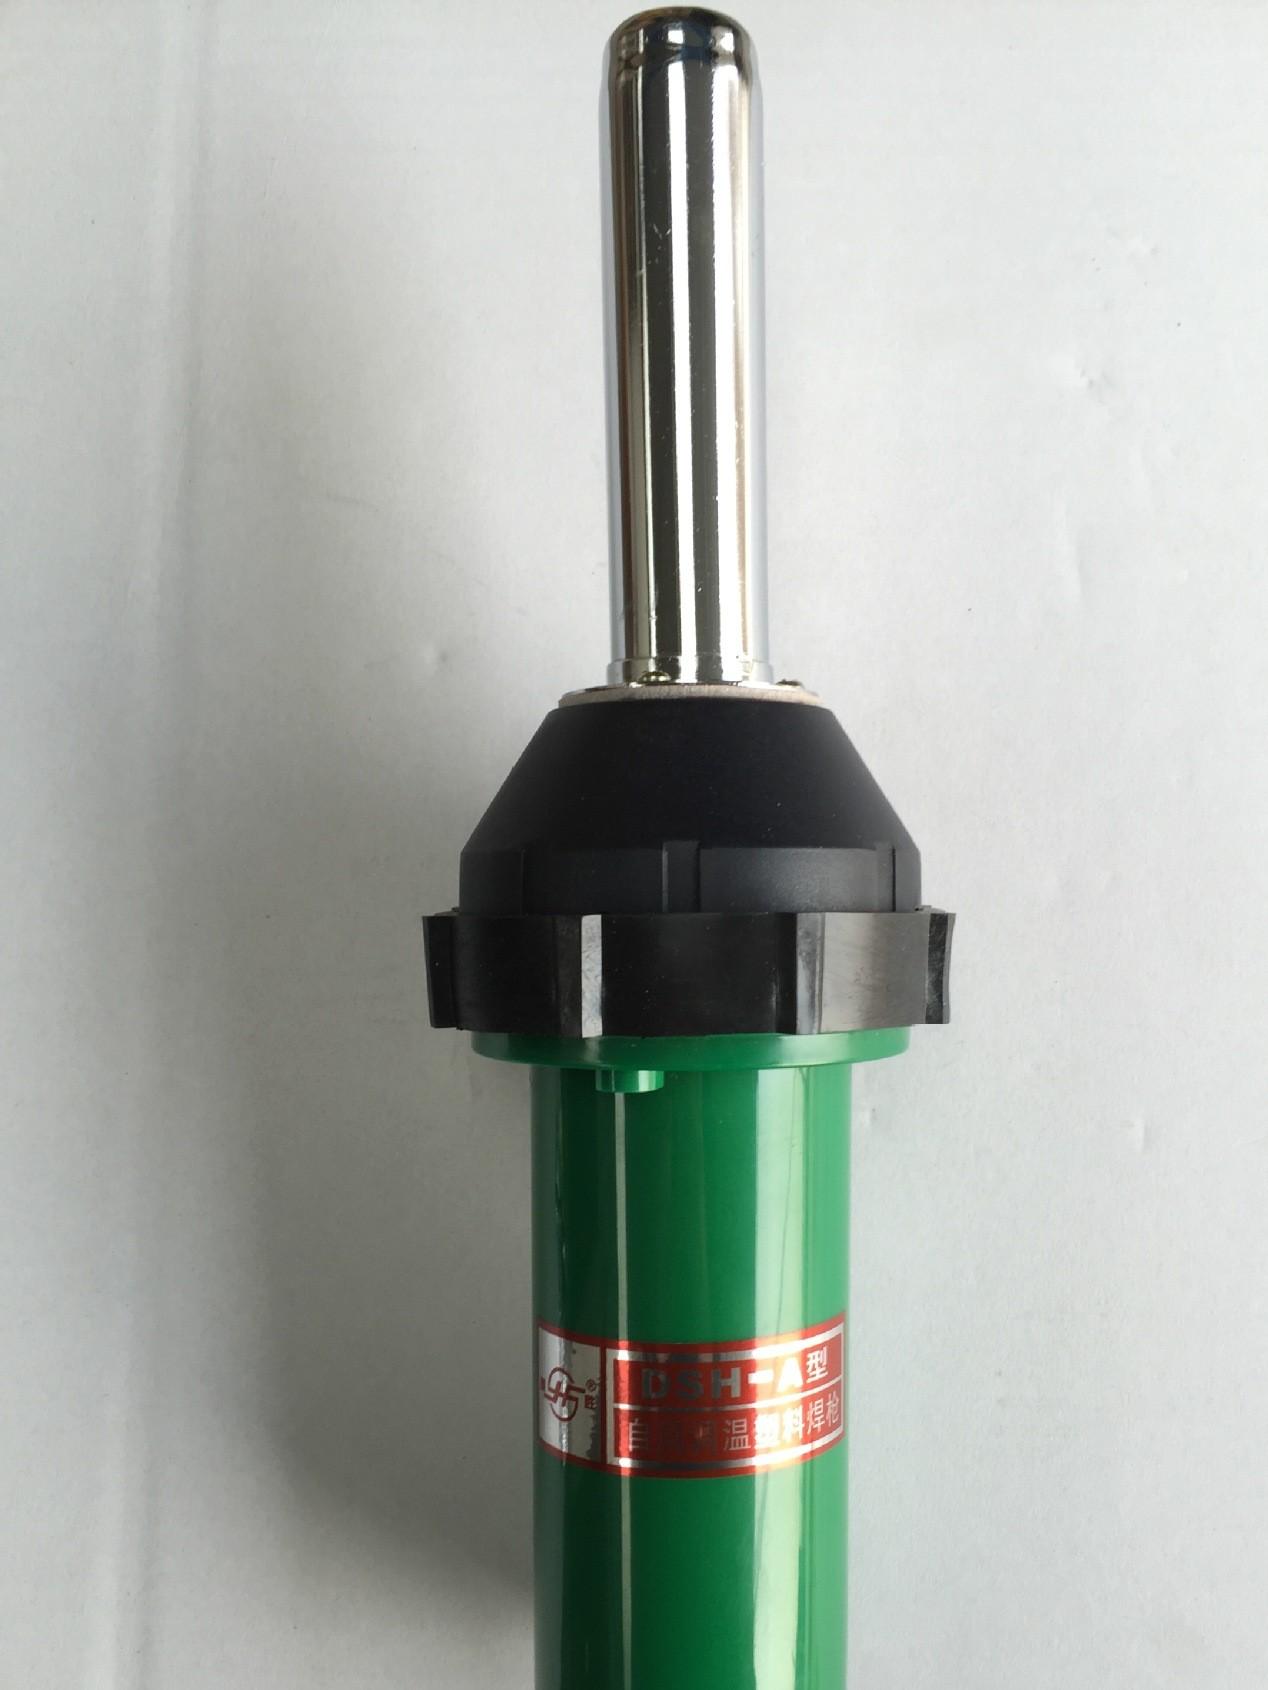 热风枪 博龙1000W调温塑料焊枪 调温热风枪pp塑料焊枪焊接